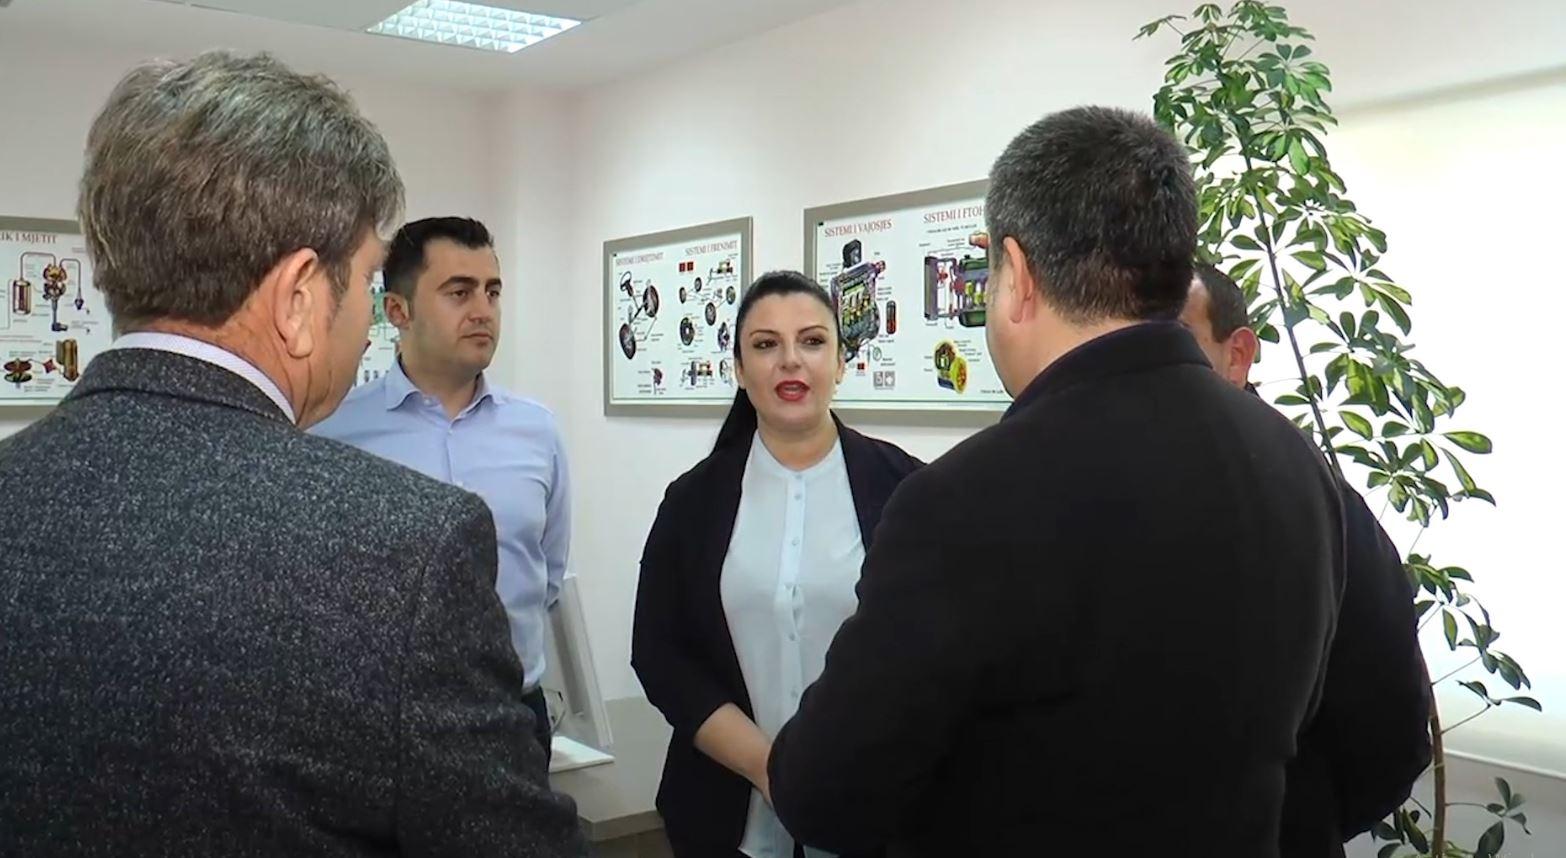 Rikonstruktohet Drejtoria e Transportit Rrugor Elbasan